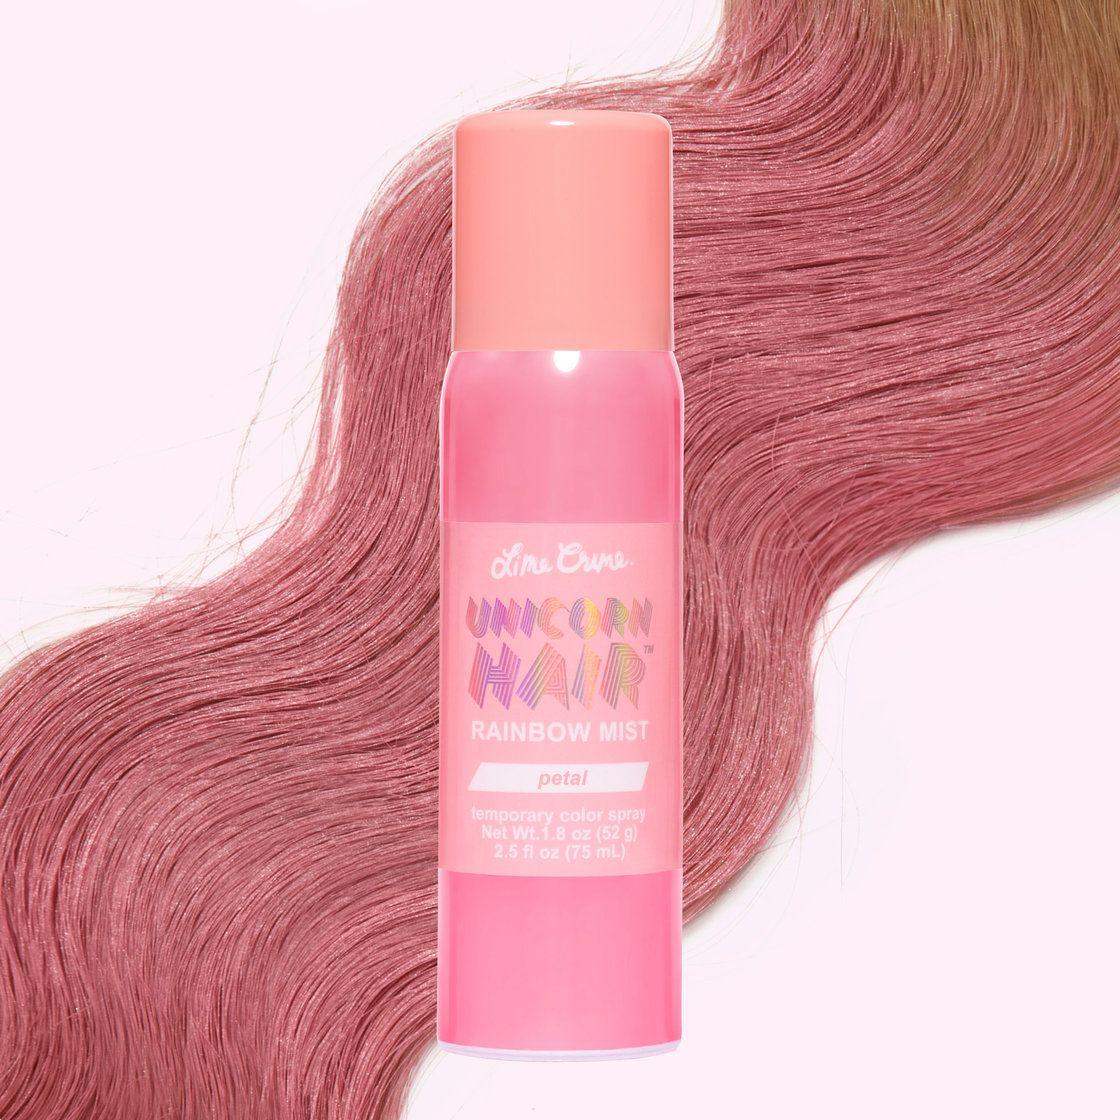 Petal Mist Hair Color Spray In 2020 Hair Color Spray Color Spray Hair Color